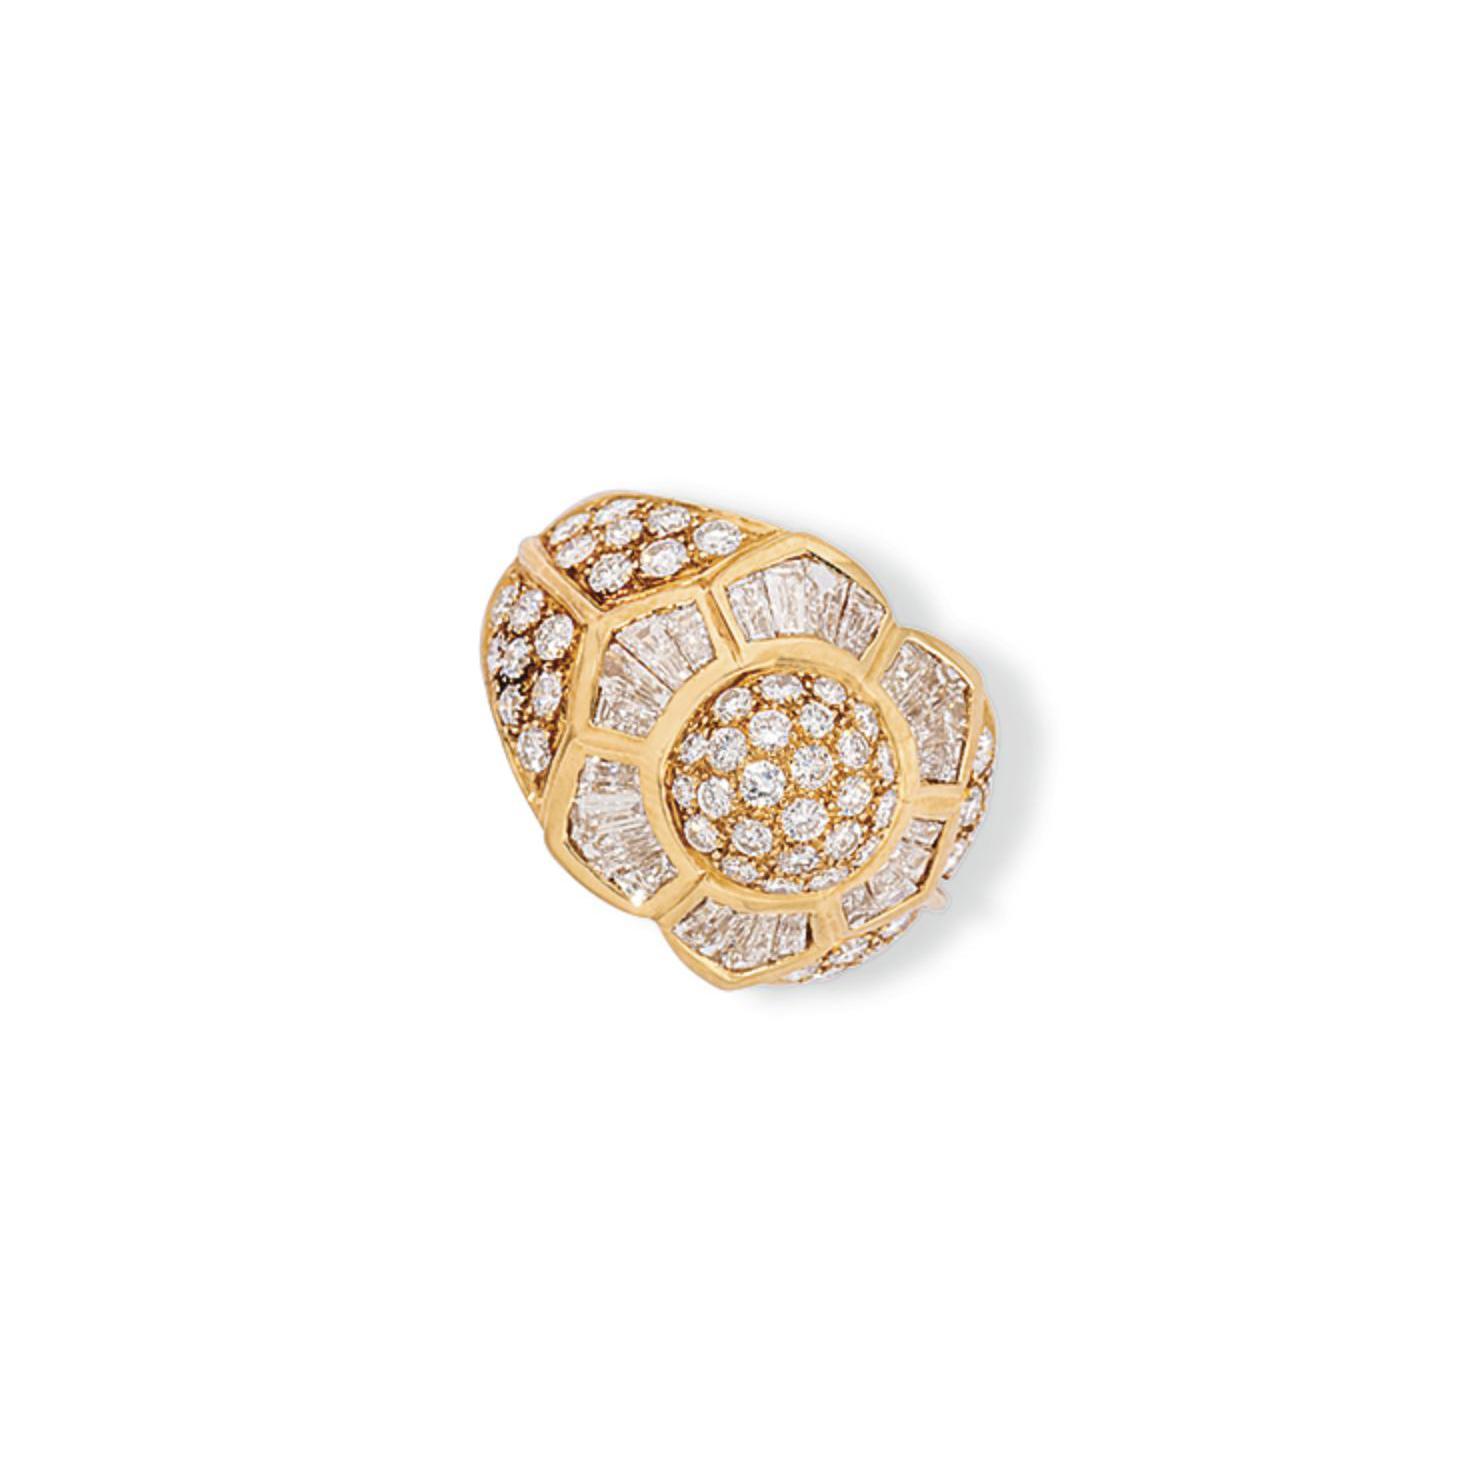 FIVE DIAMOND-SET DRESS RINGS A